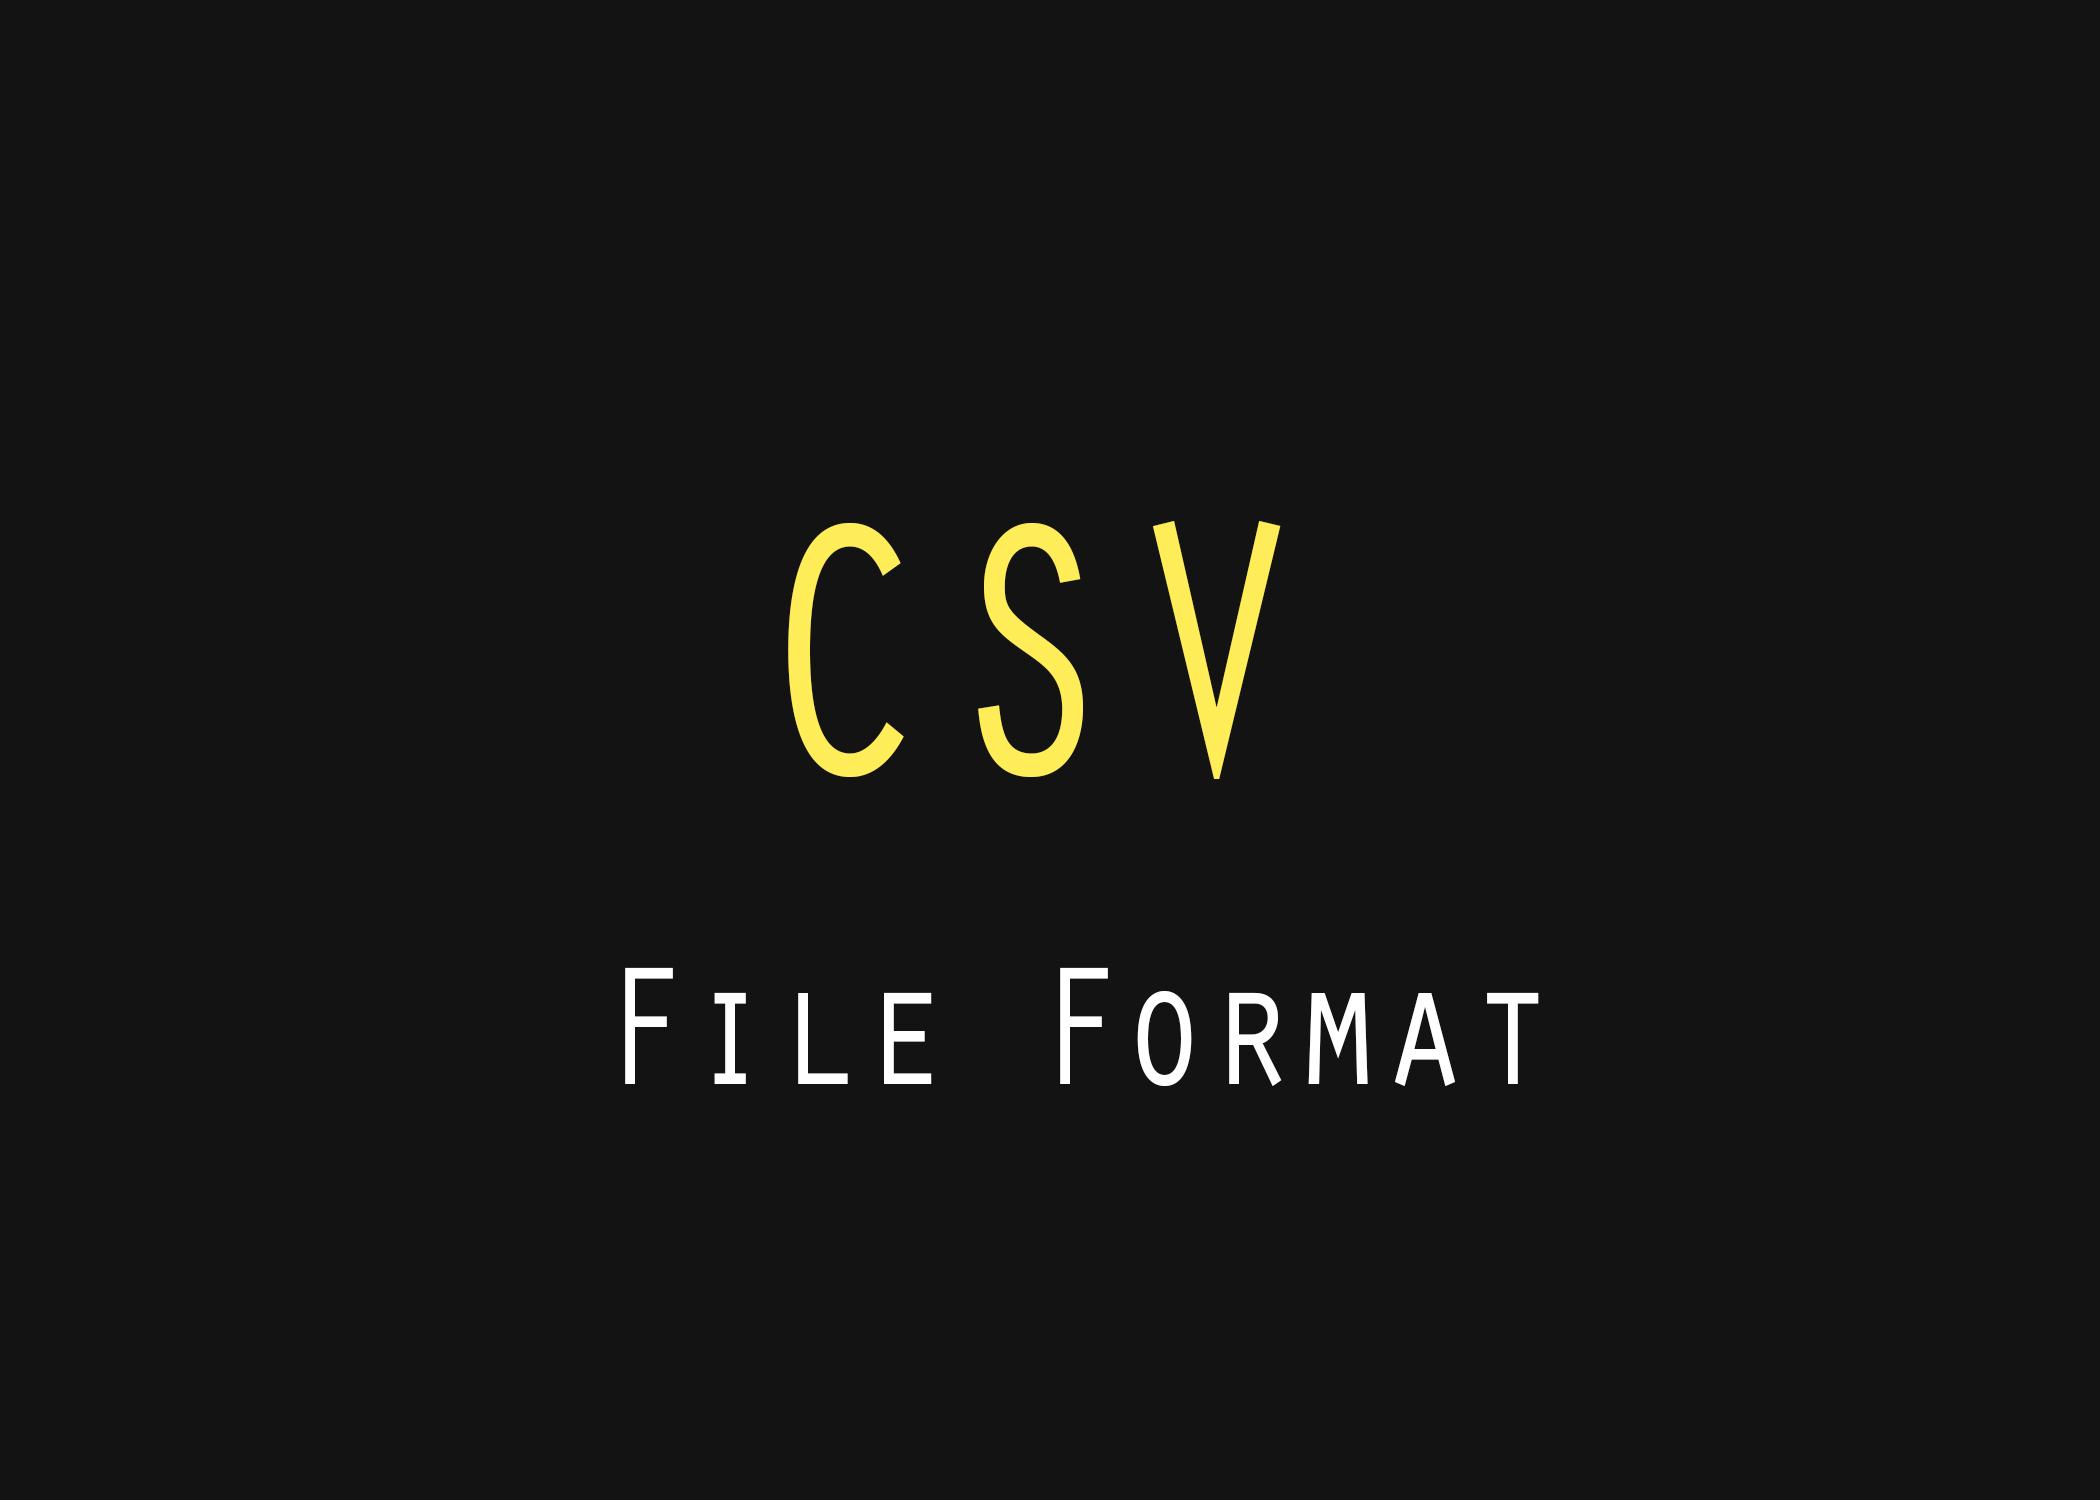 باسکردنی شێوە فایلی csv و دروستکردنی پارسەرێکی سادە